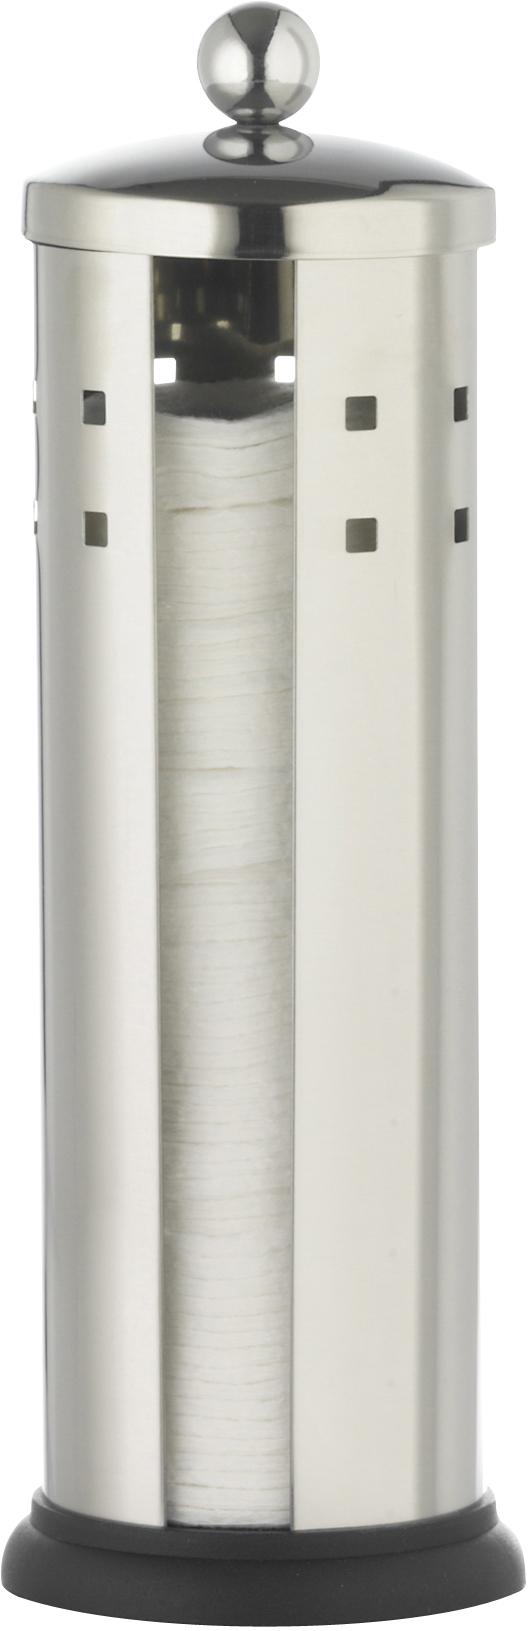 """Емкость """"Axentia"""", изготовленная из нержавеющей стали со специальной противоскользящей подставкой, предназначена для компактного хранения ватных дисков. Изделие оснащено крышкой. Емкость для хранения ватных дисков """"Axentia"""" удобна в использовании и экономит место.Высота емкости: 24 см.Диаметр основания емкости: 8 см."""